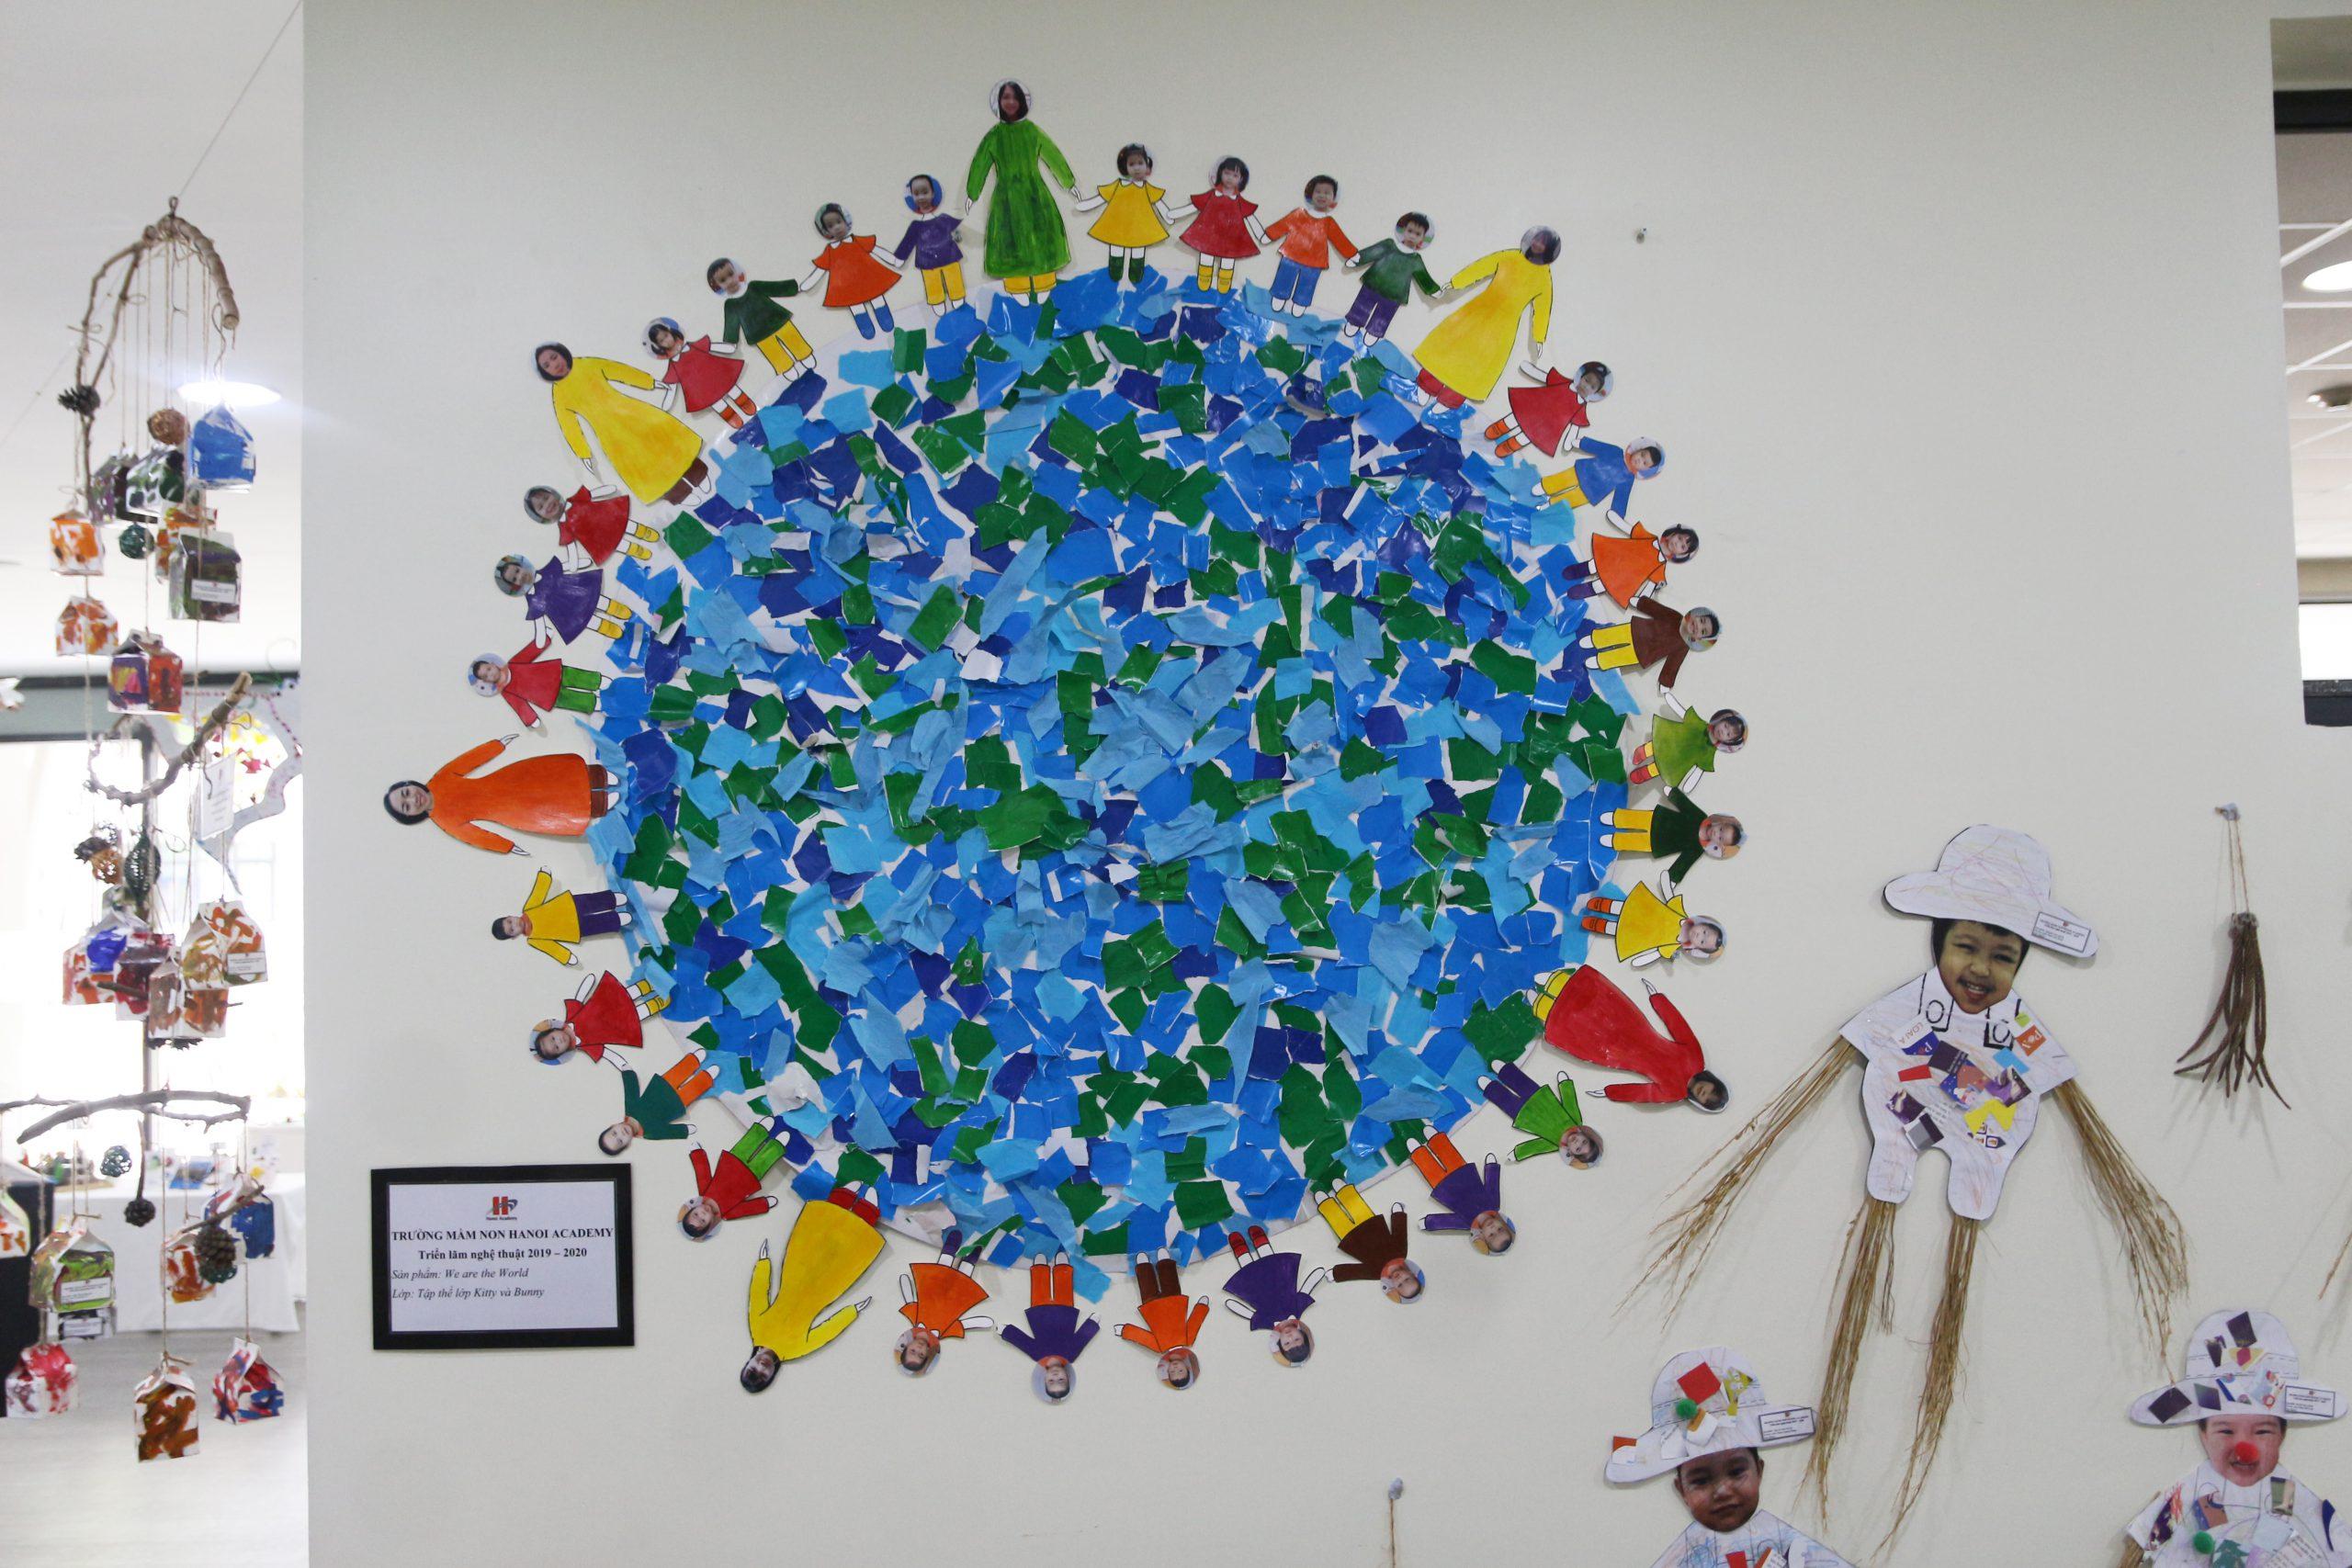 Triển lãm nghệ thuật 2020 tại trường mầm non Hanoi Academy